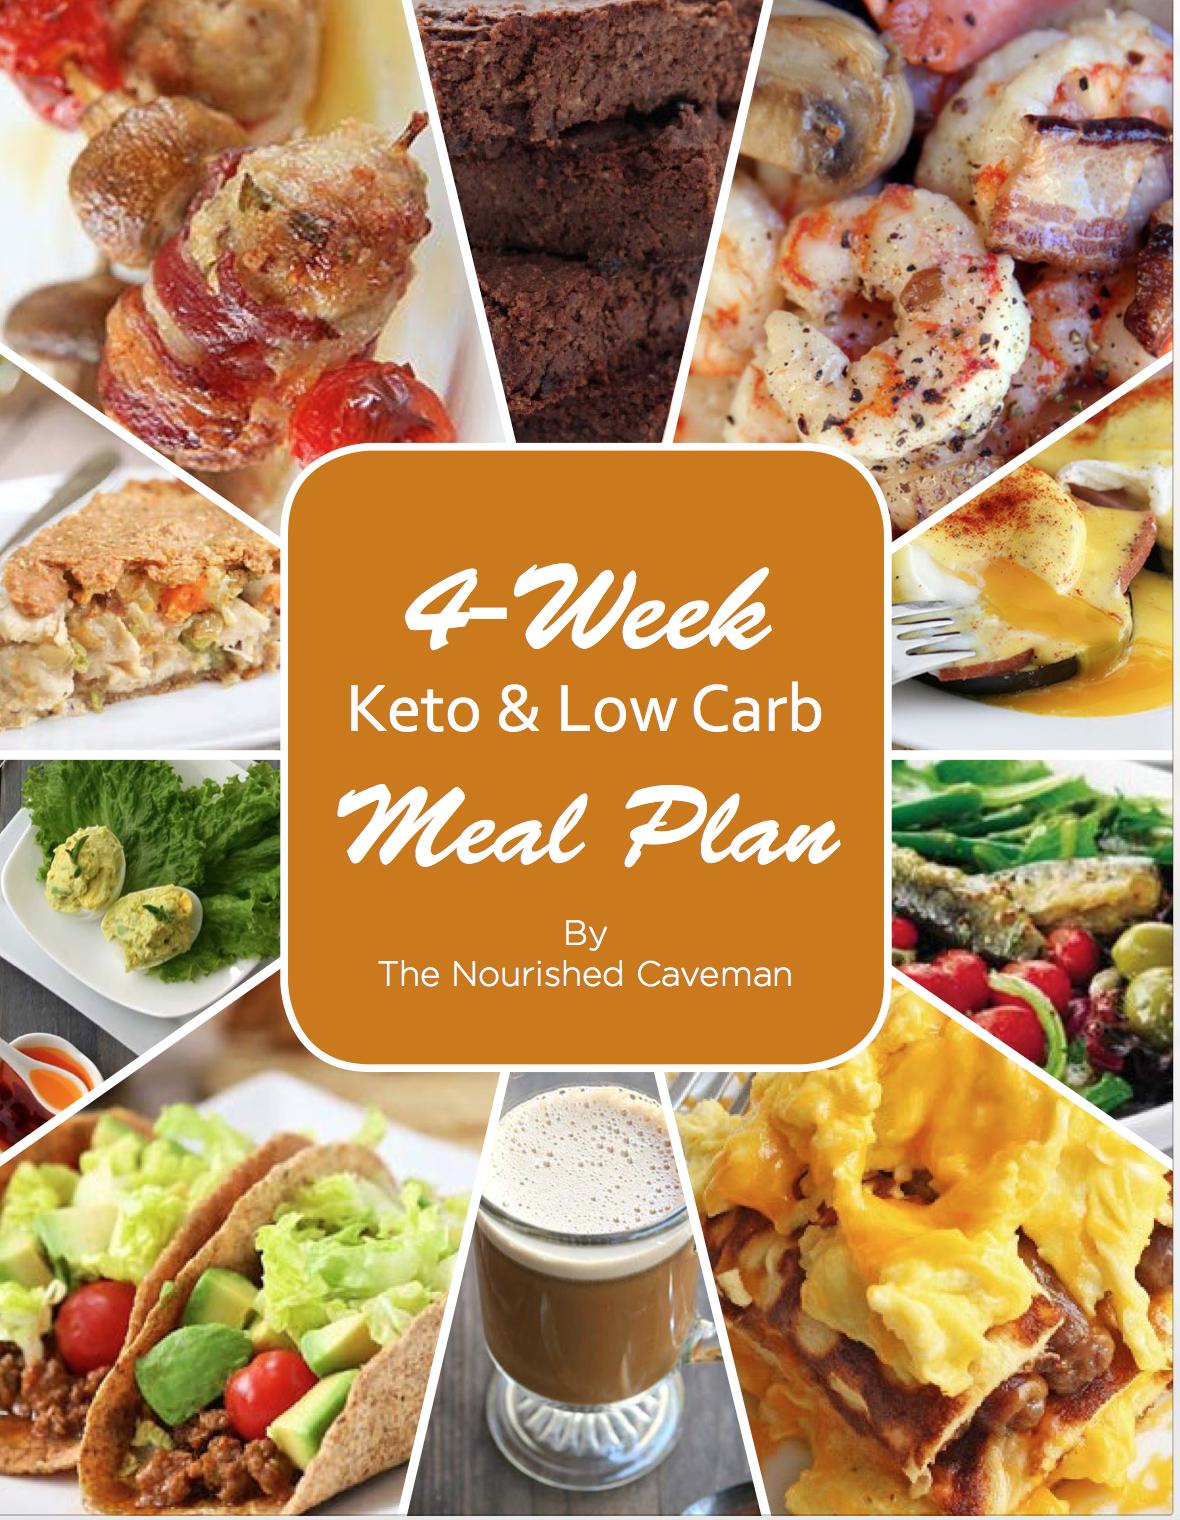 4 Week Keto & Low Carb Meal Plan Low carb meal plan